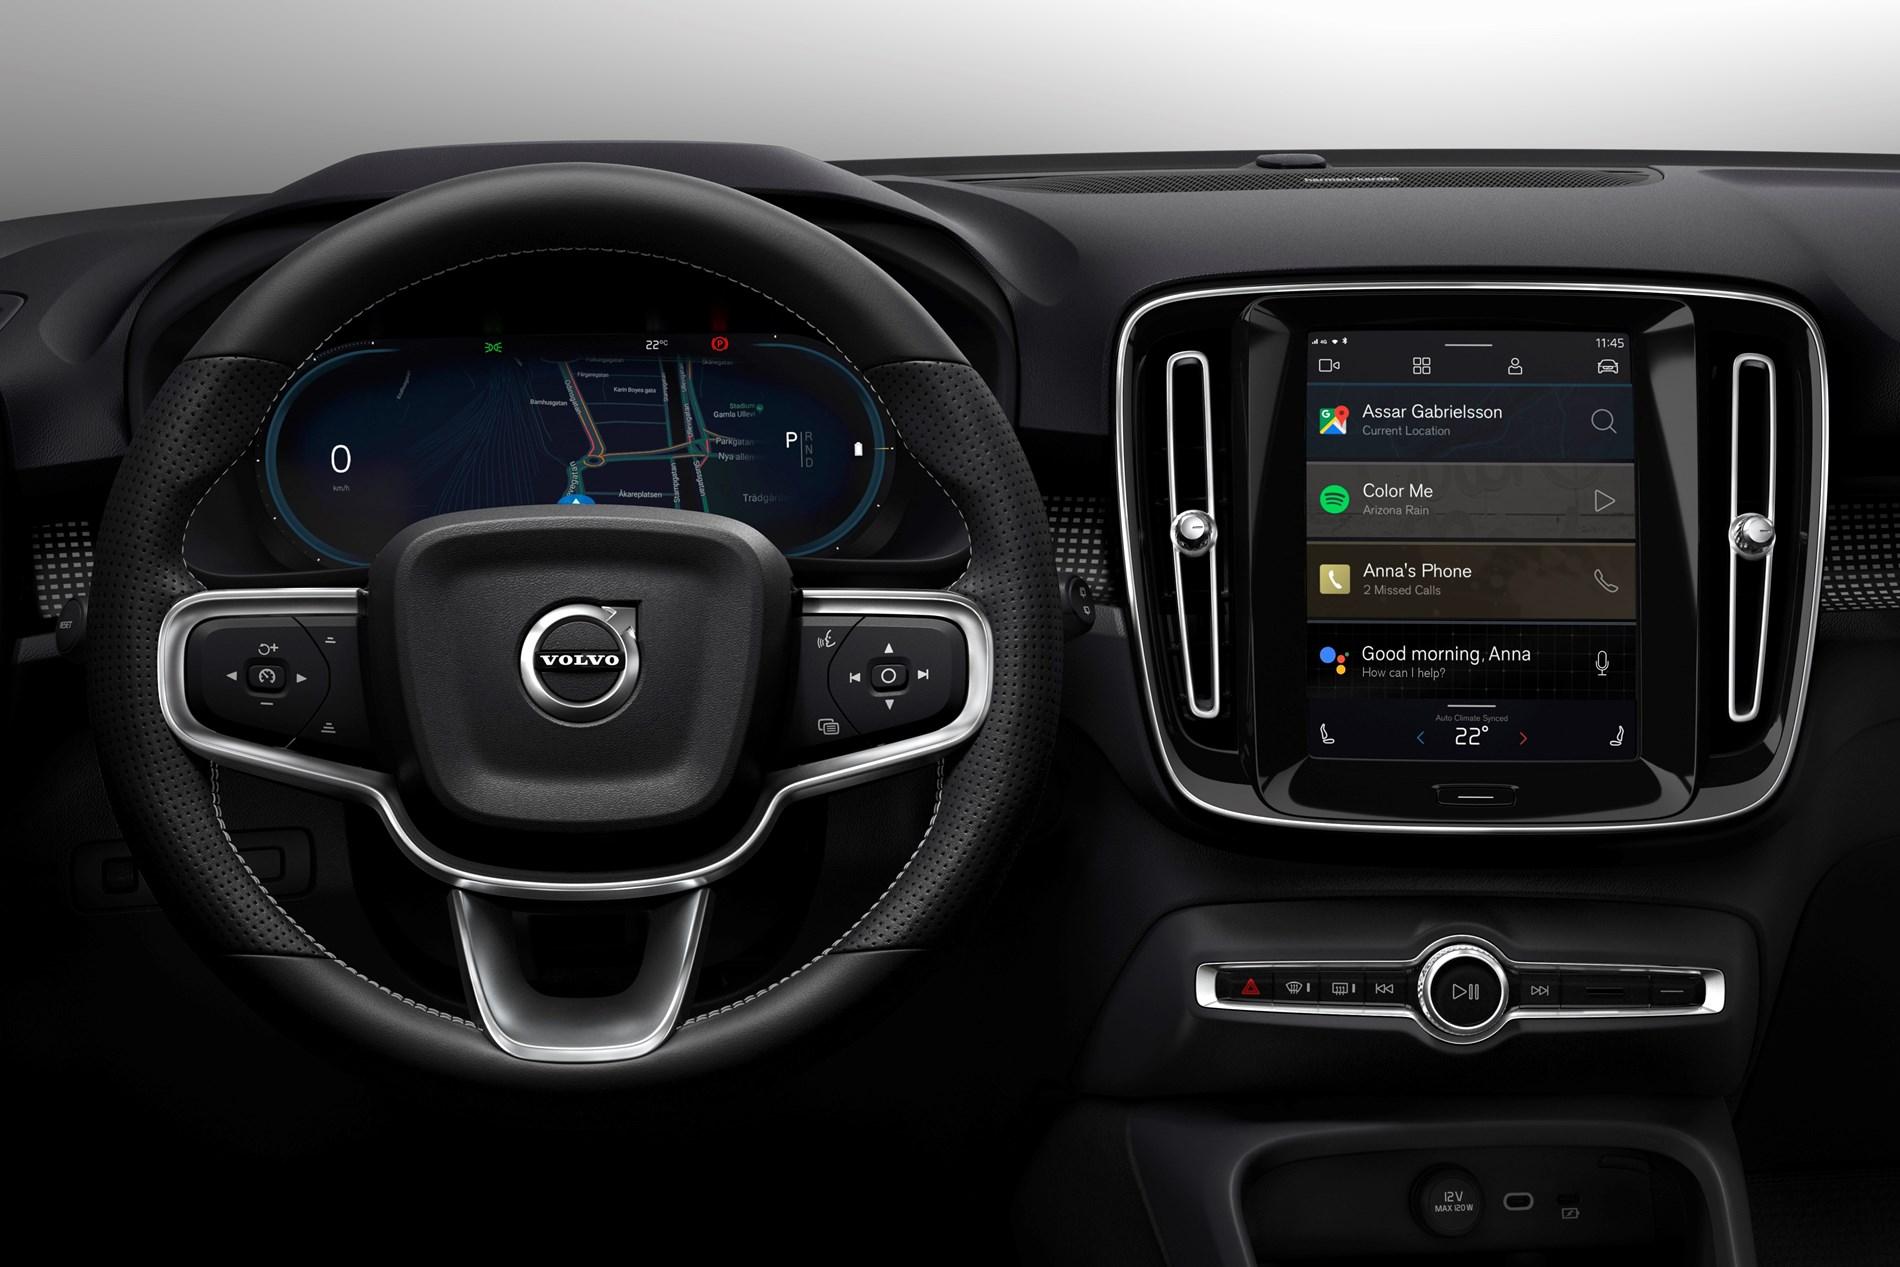 Volledig elektrische Volvo XC40 introduceert gloednieuw Android-infotainmentsysteem met geïntegreerde Google-technologieën